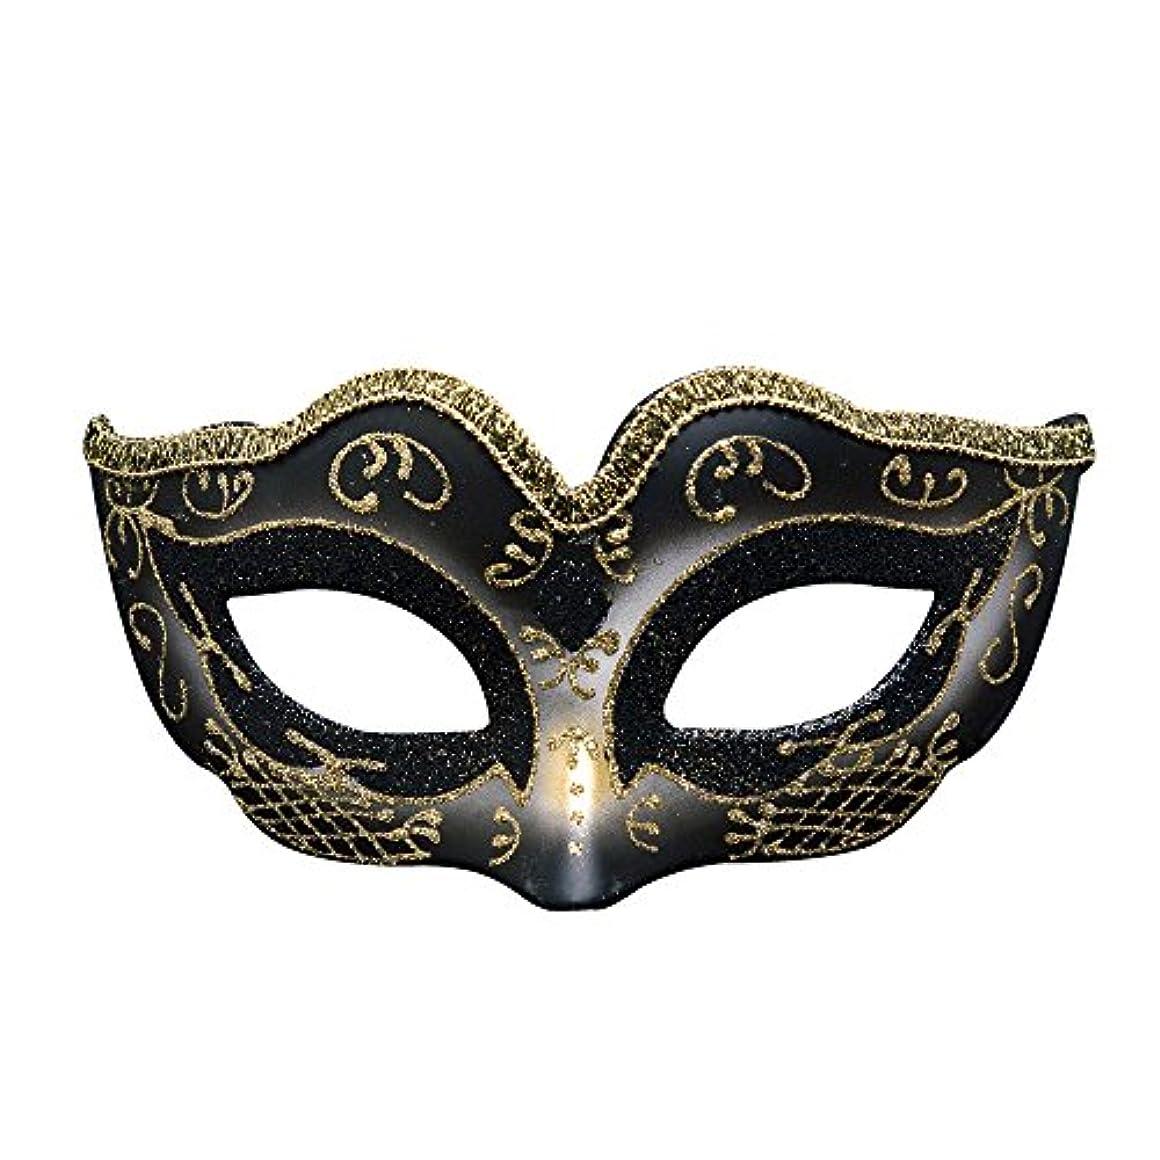 農業の健康的割り当てクリエイティブカスタム子供のなりすましパーティーハロウィーンマスククリスマス雰囲気マスク (Color : E)